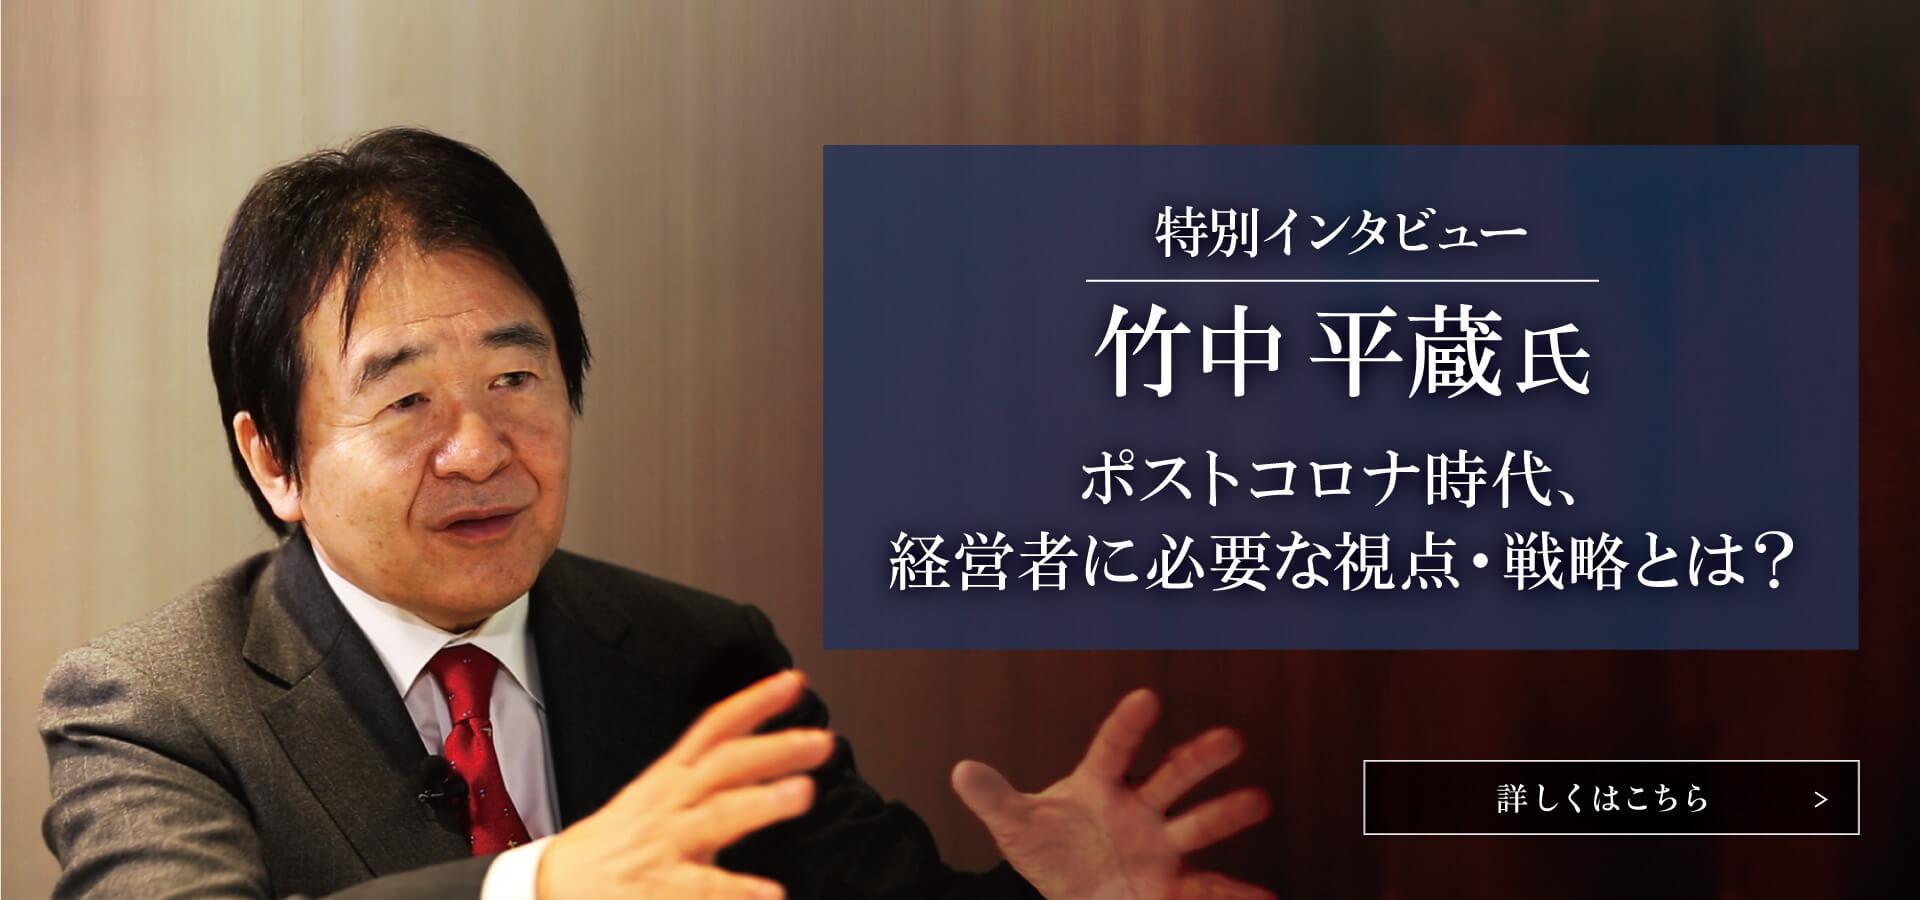 特別インタビュー 竹中平蔵氏 ポストコロナ時代、経営者に必要な視点・戦略とは?